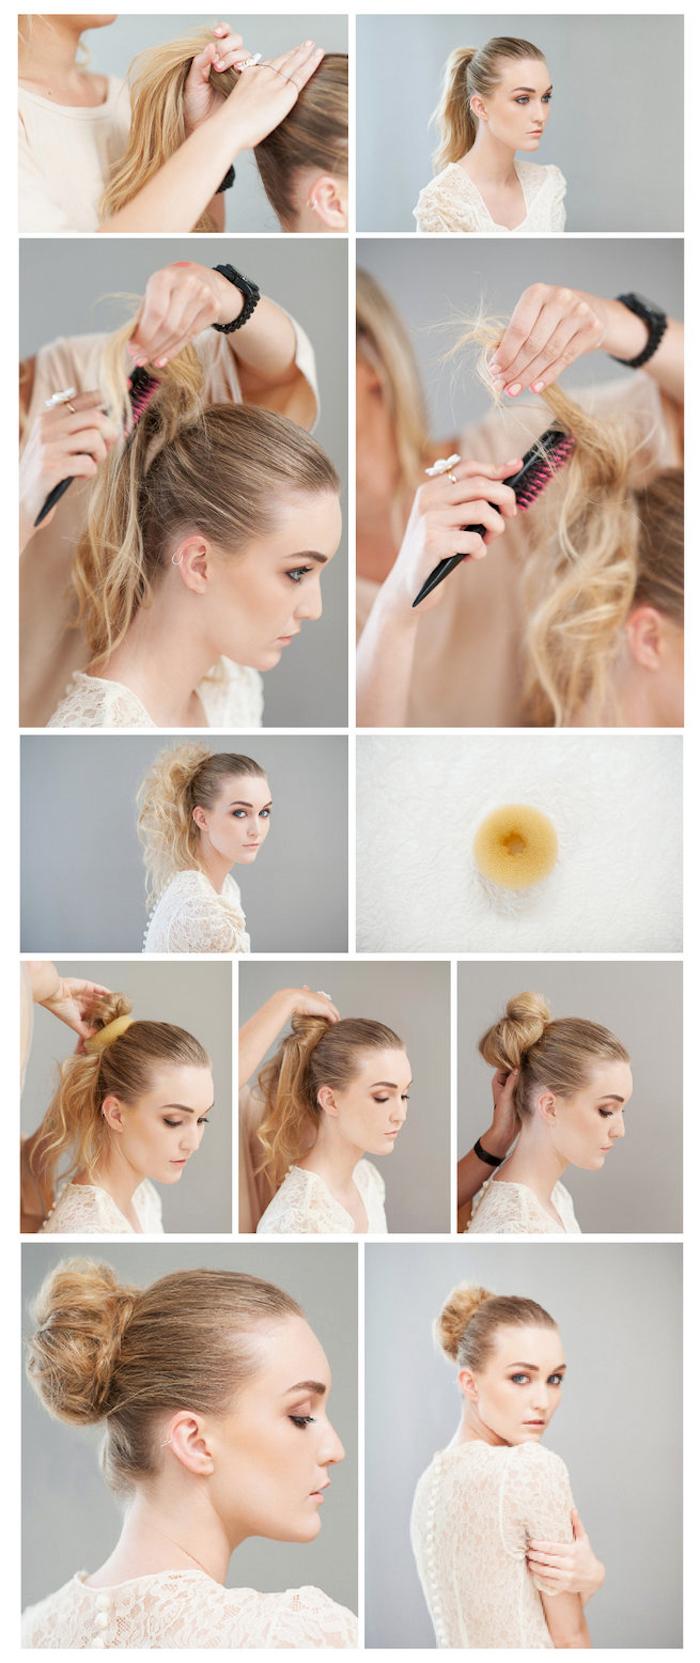 schöne frisuren, haare hochstecken, frisuren für mittellange haare, dutt-frisur mit duttkissen